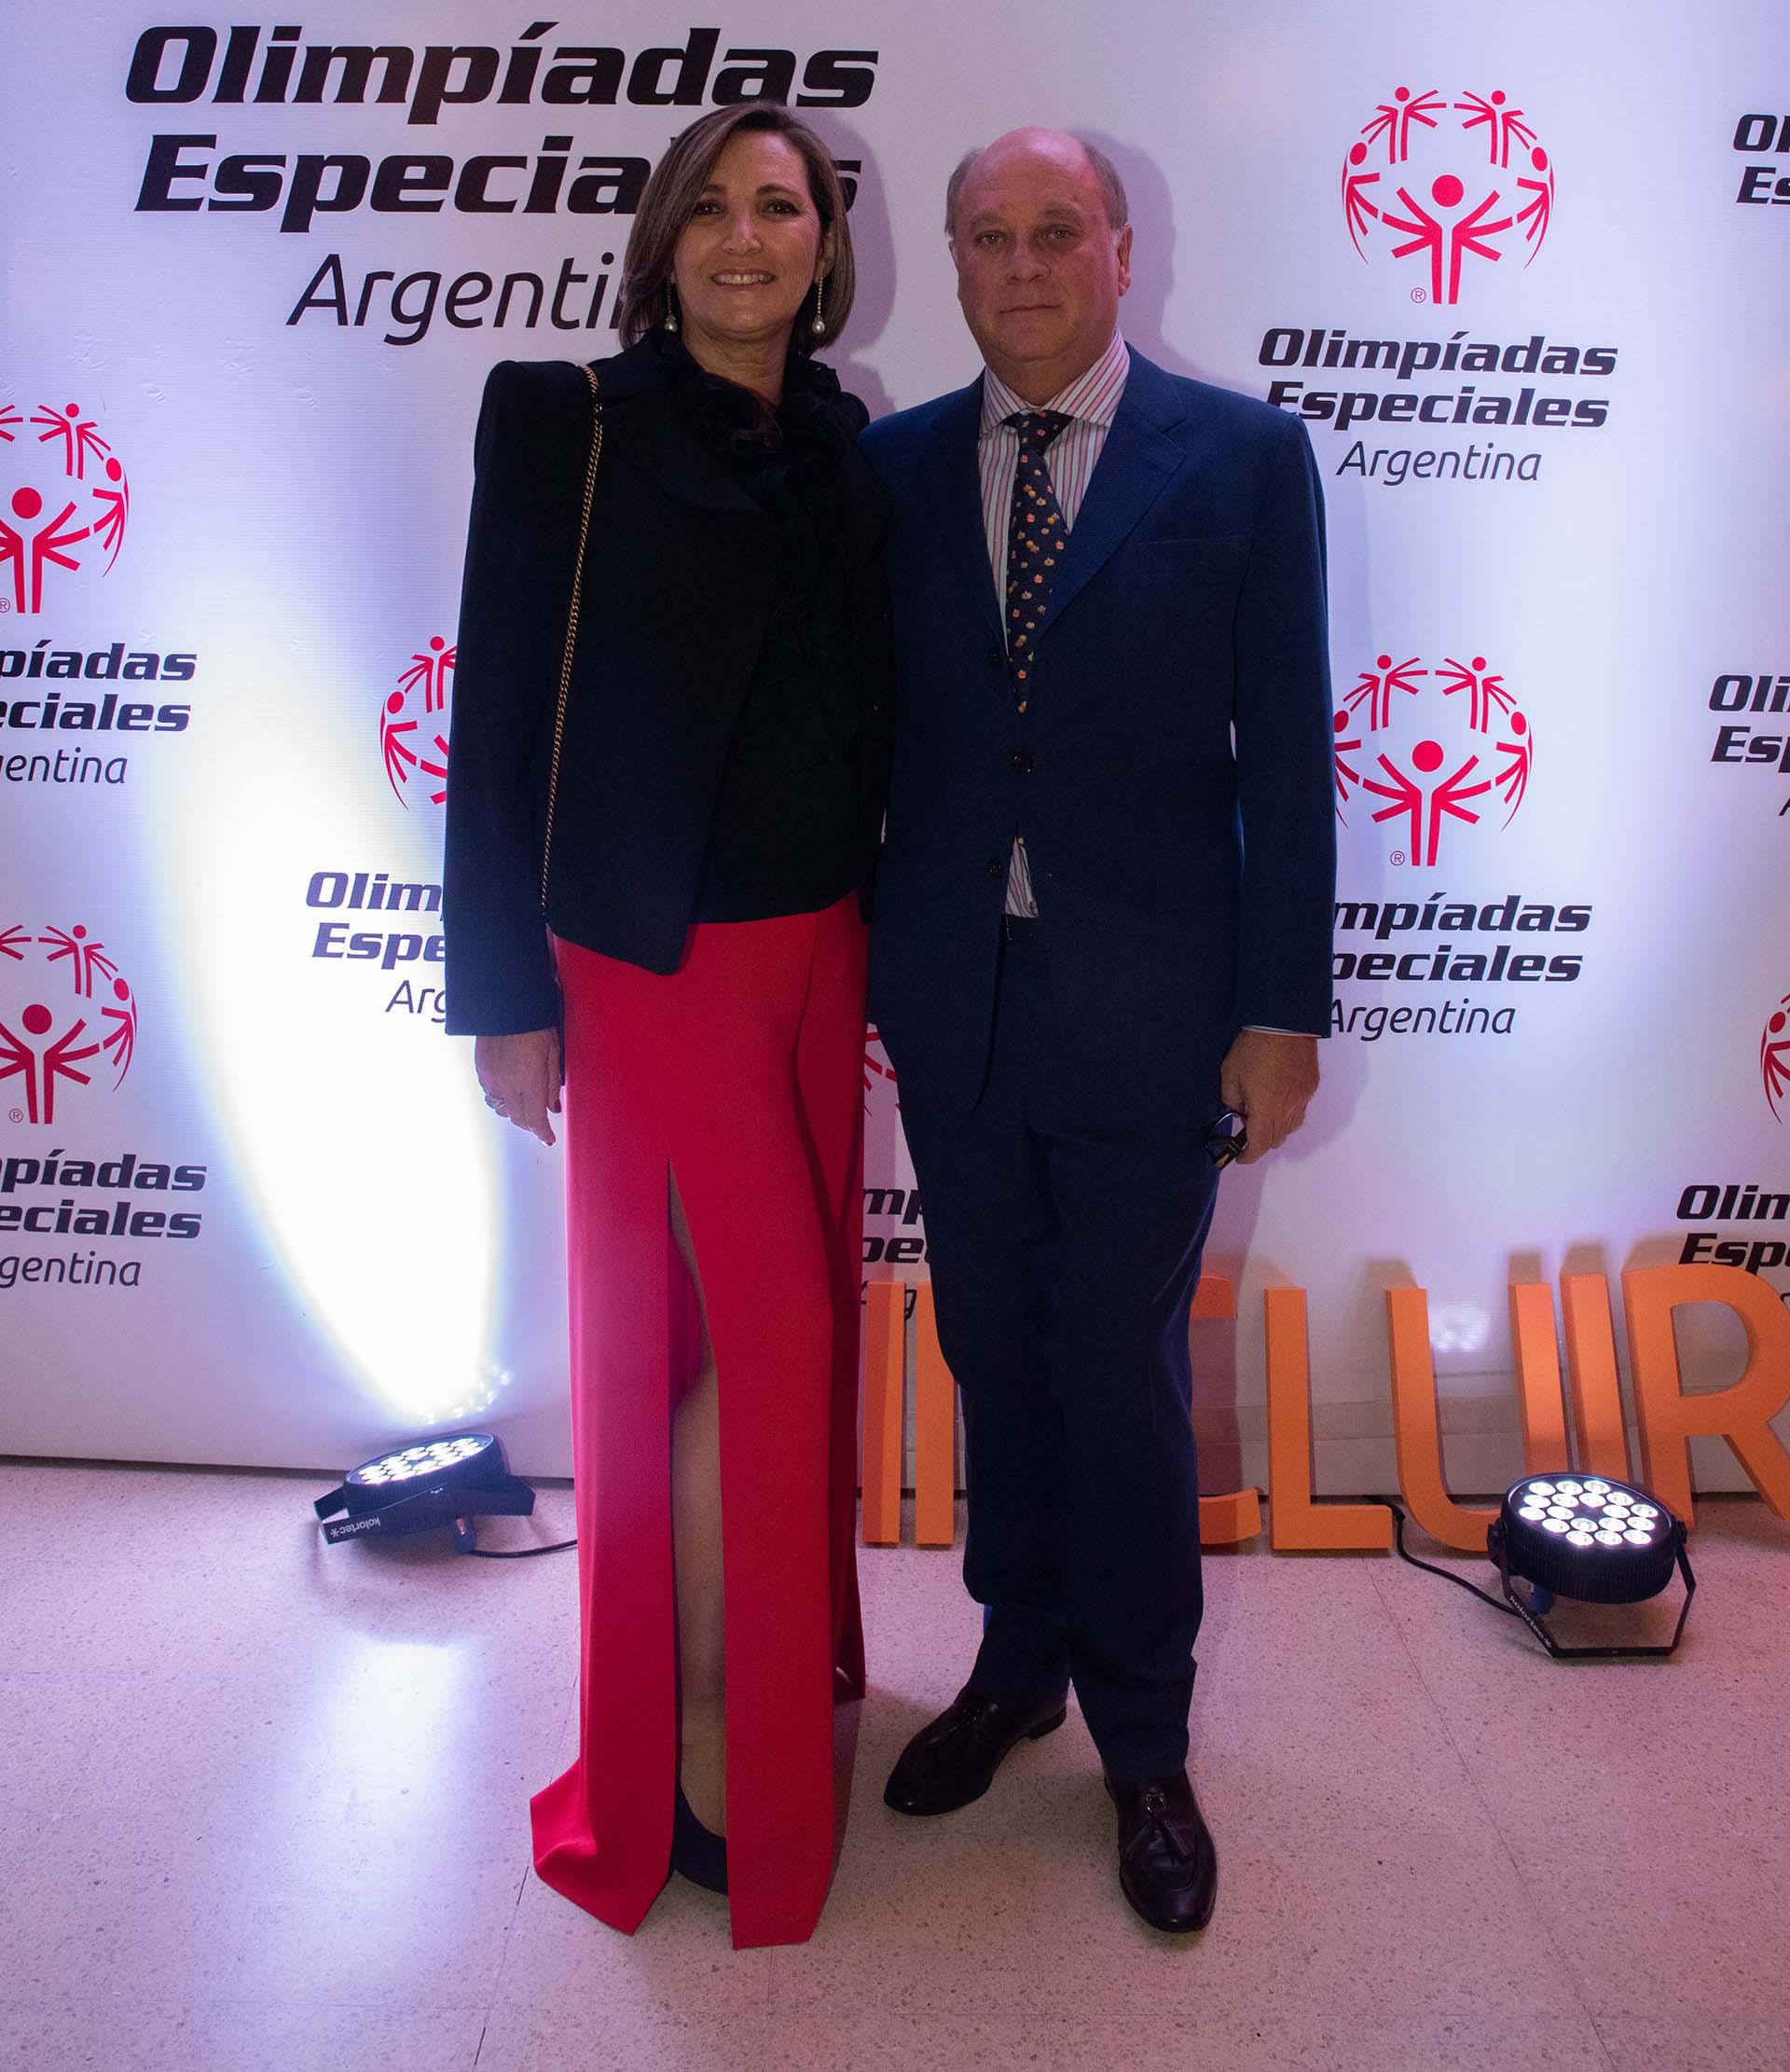 El empresario Martín Cabrales junto con su esposa Dora Sánchez